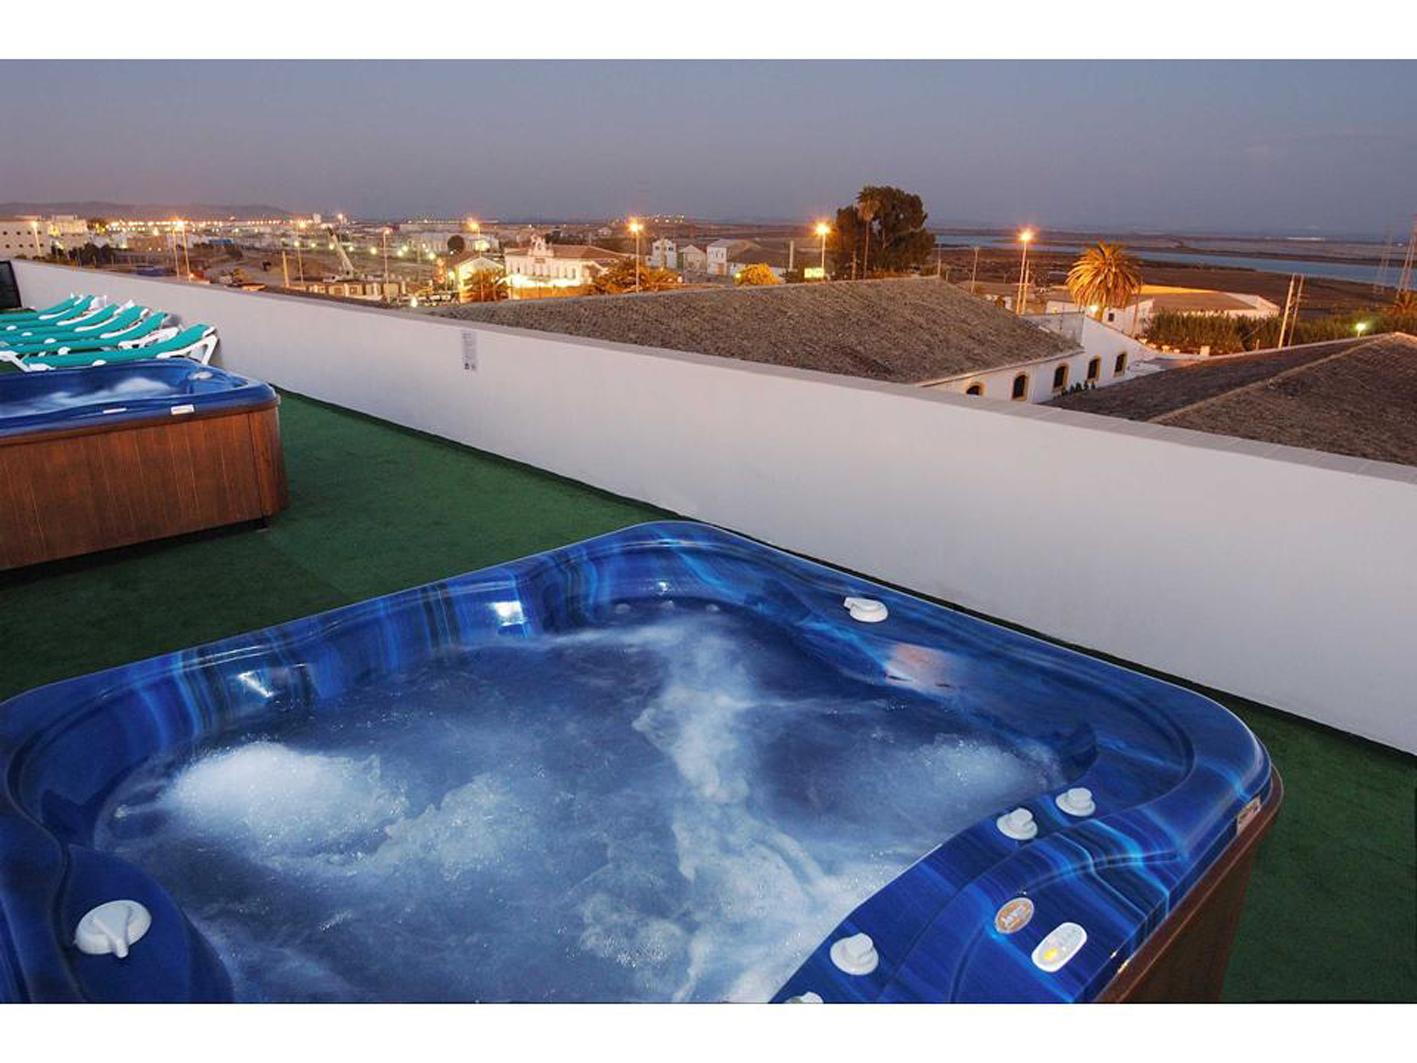 Hotel bodega real en puerto de santa maria - Hotel bodega real el puerto ...